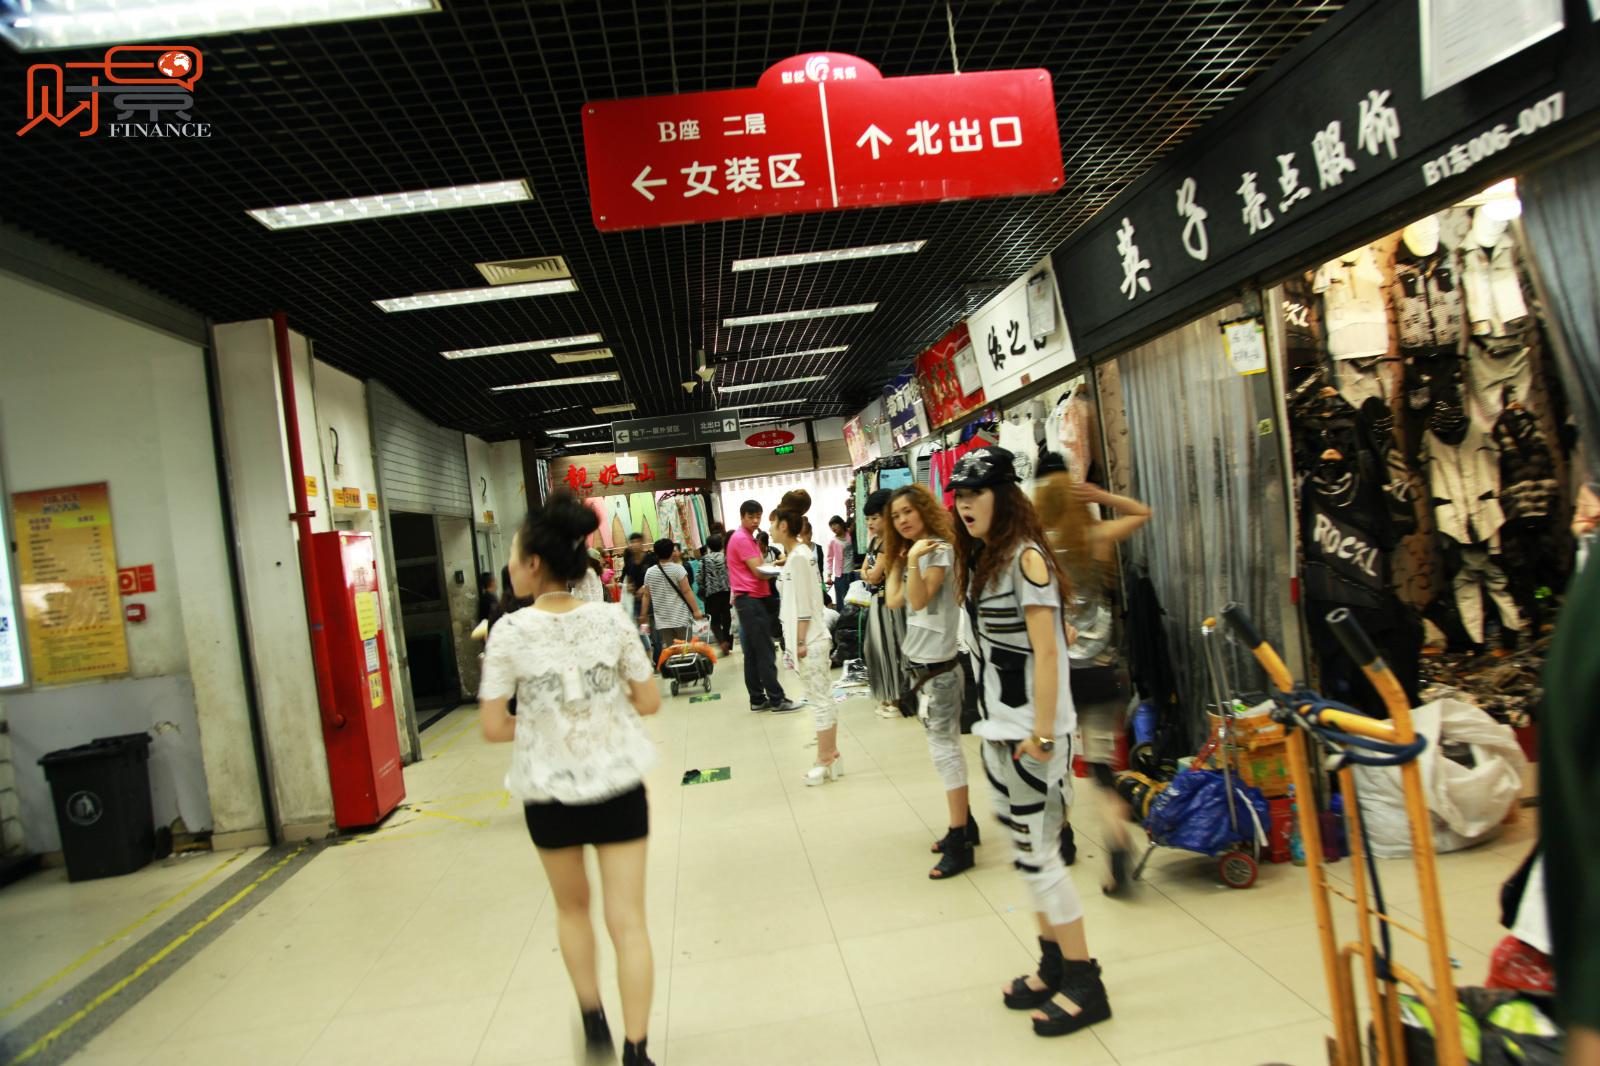 探访搬迁前的北京动物园批发市场 商户含泪称难舍北京